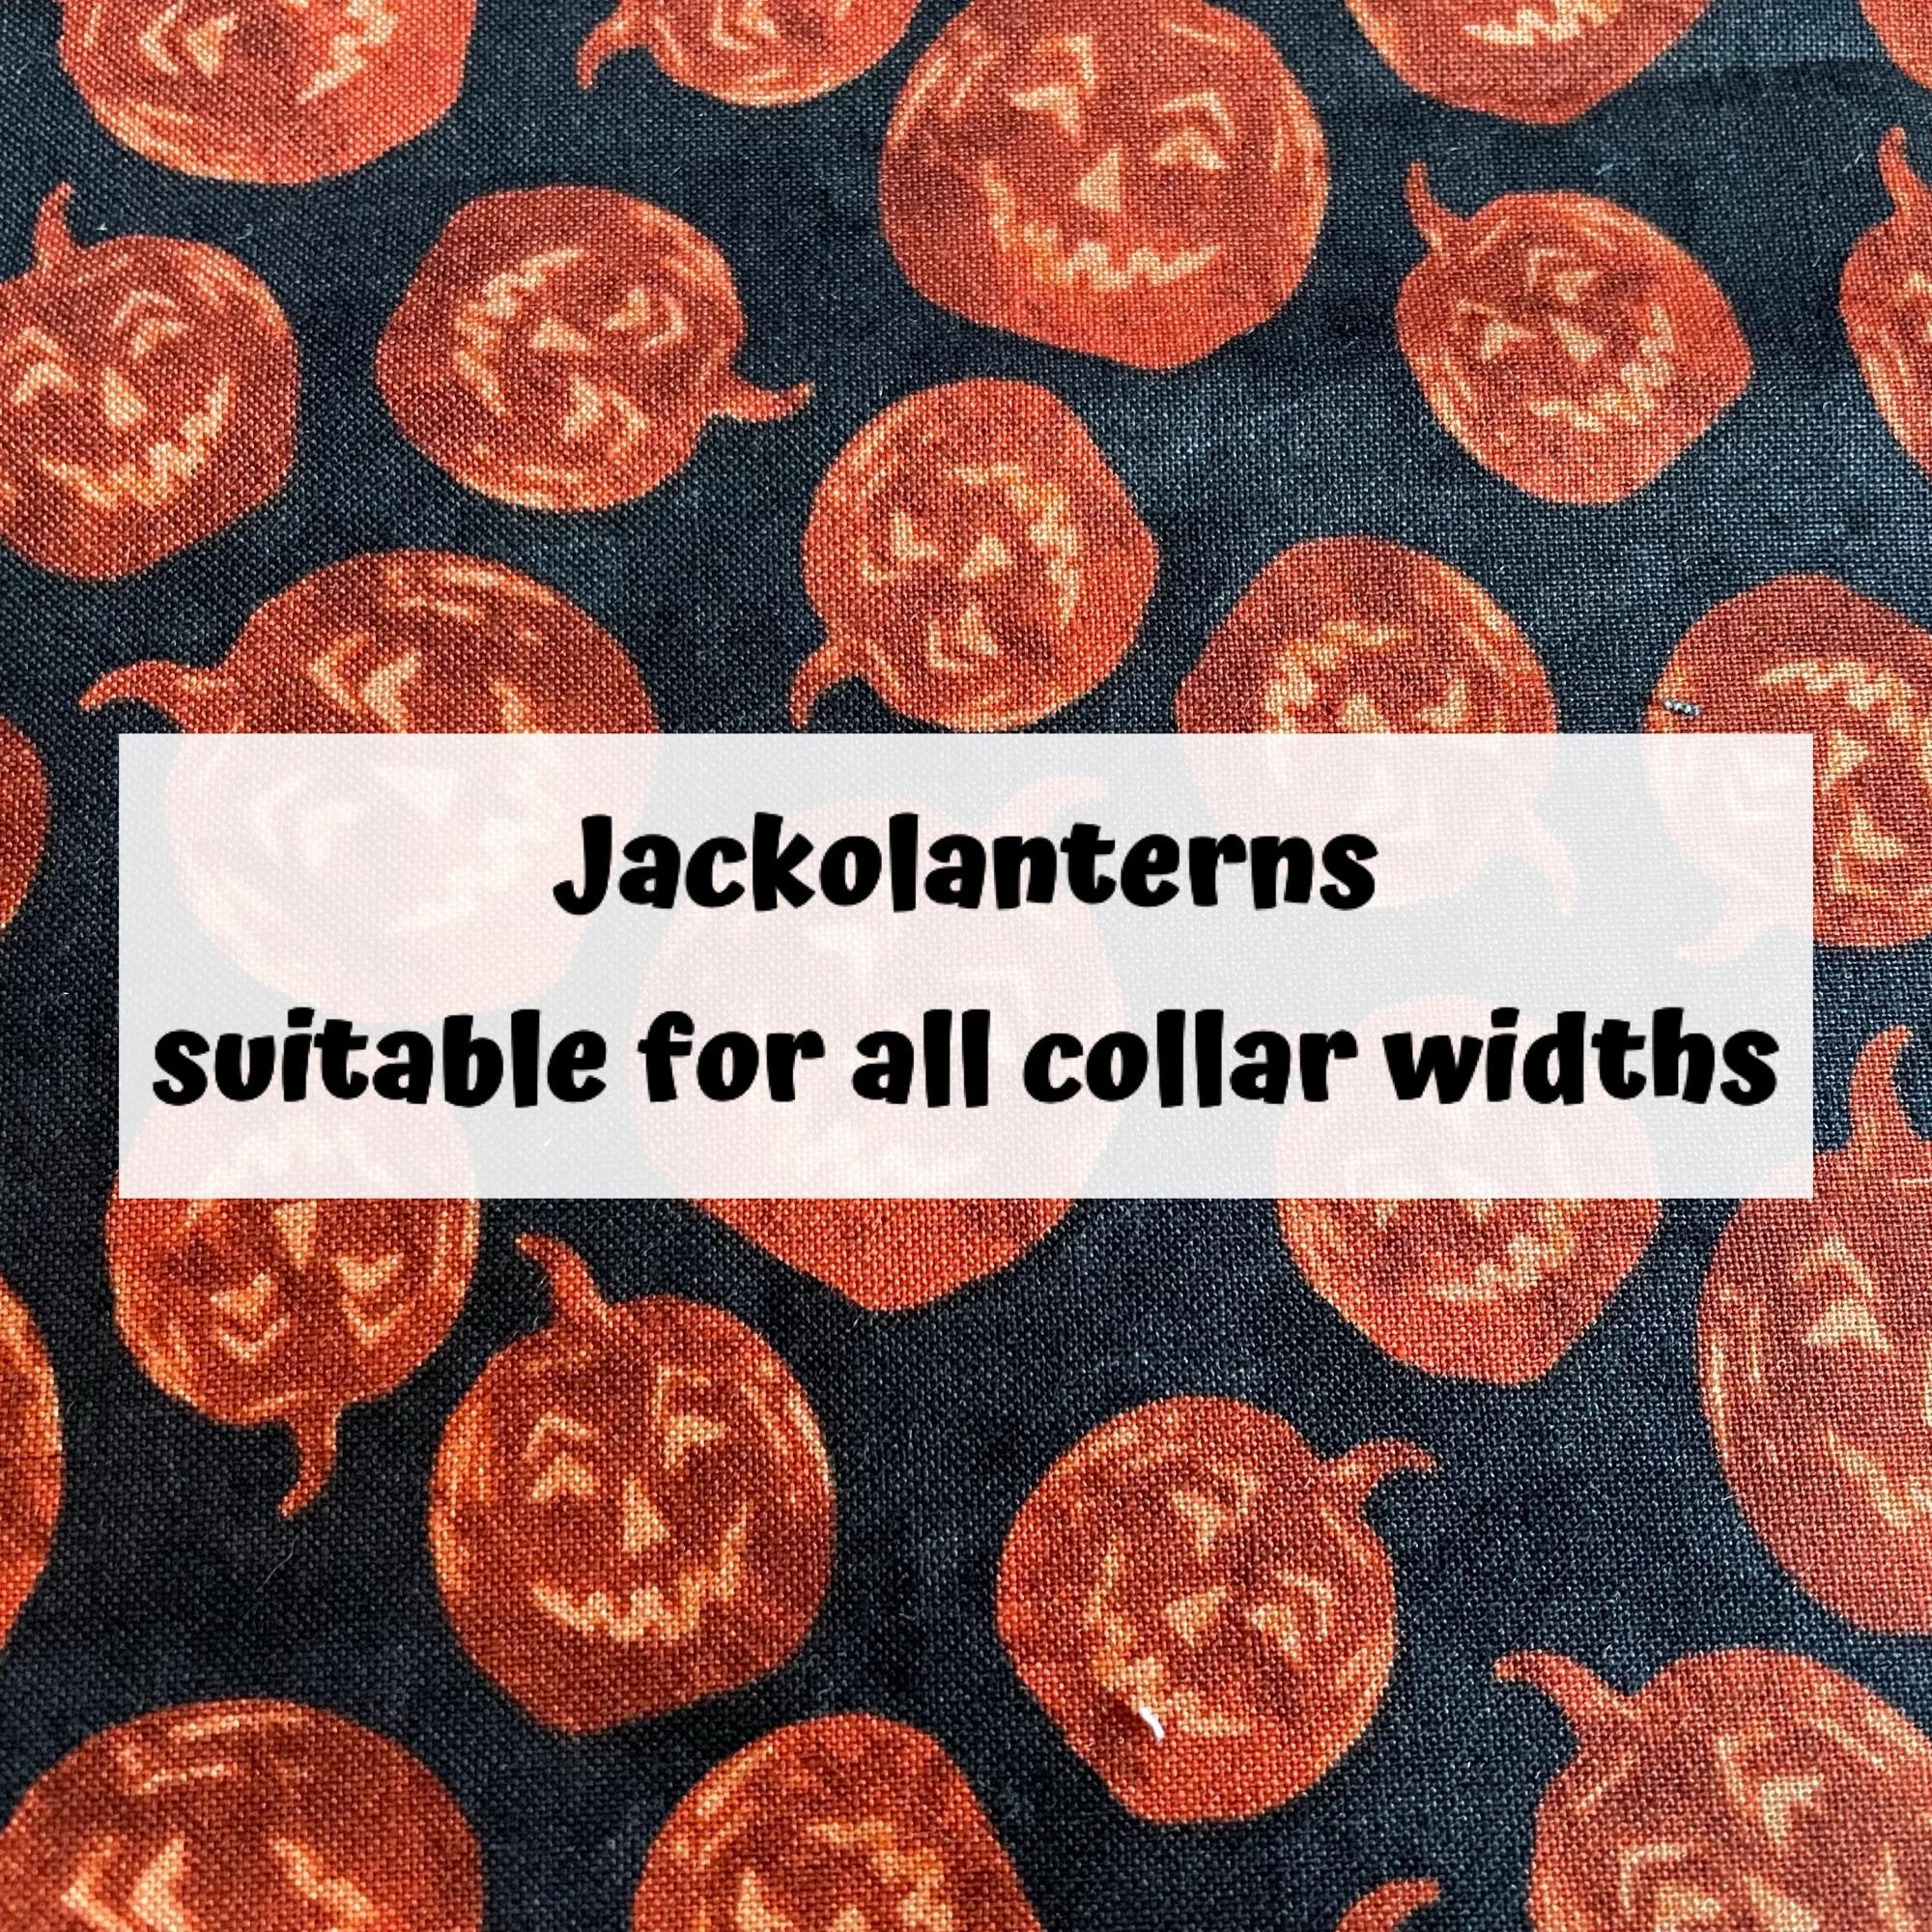 Jackolanterns